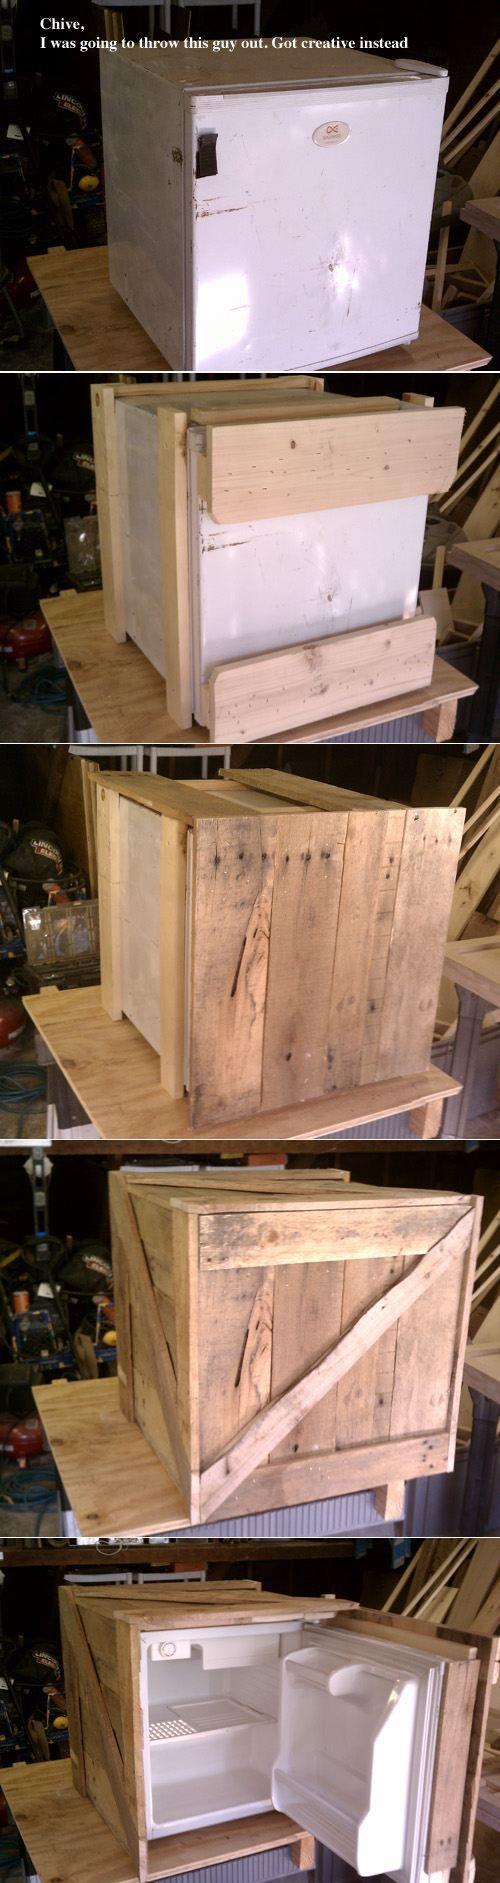 Alten Kuhlschrank Mit Holz Umranden Ideen Fur Projekte